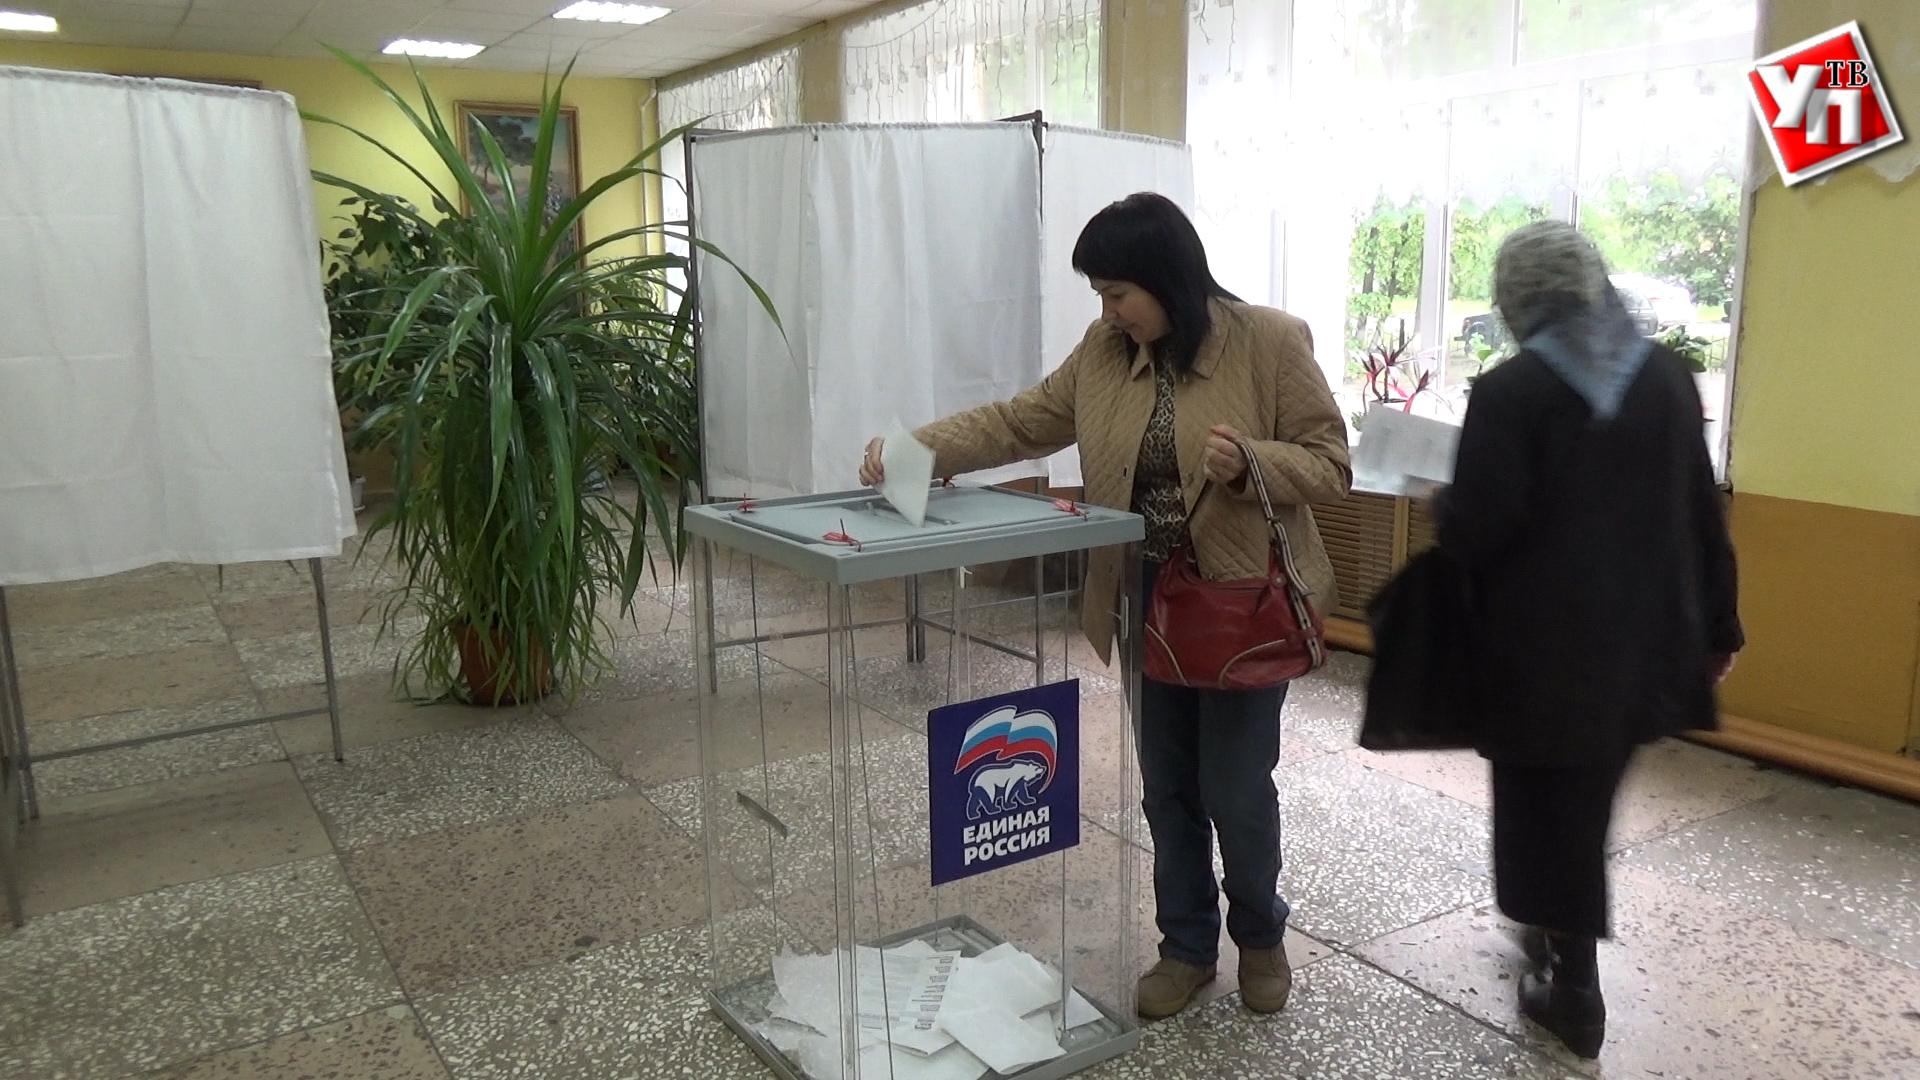 ВУльяновской области выбраны 12 претендентов в народные избранники